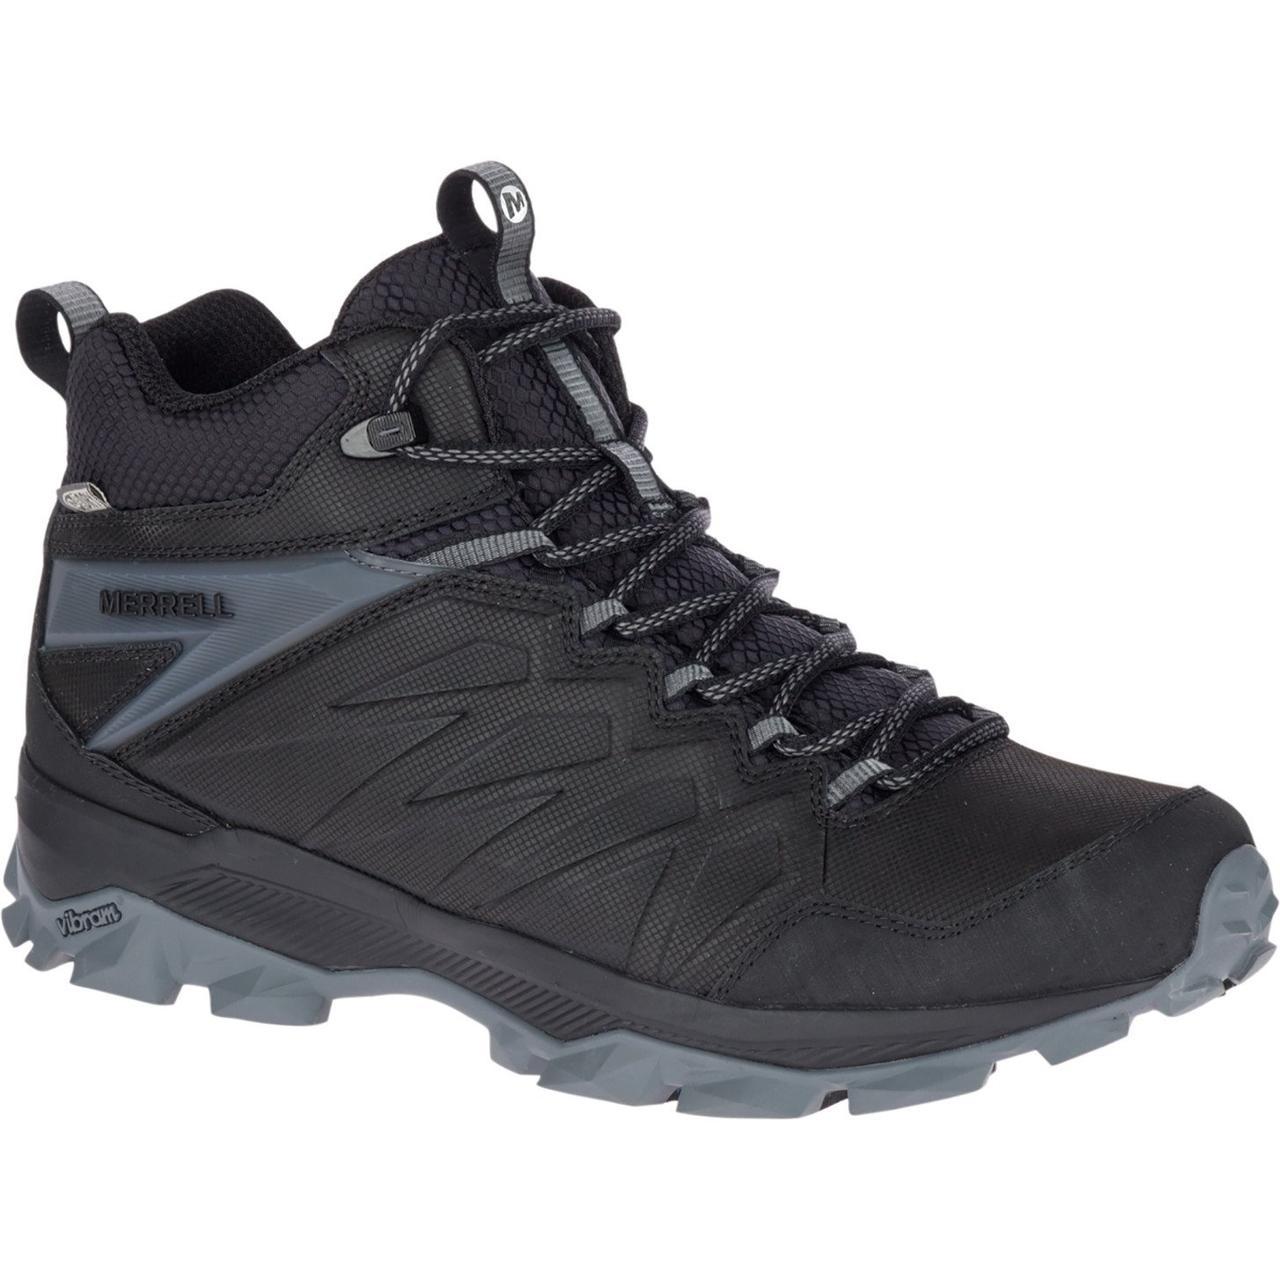 Ботинки Оригинальные мужские зимние Merrell Thermo FREEZE WP J42609 Black Чёрные